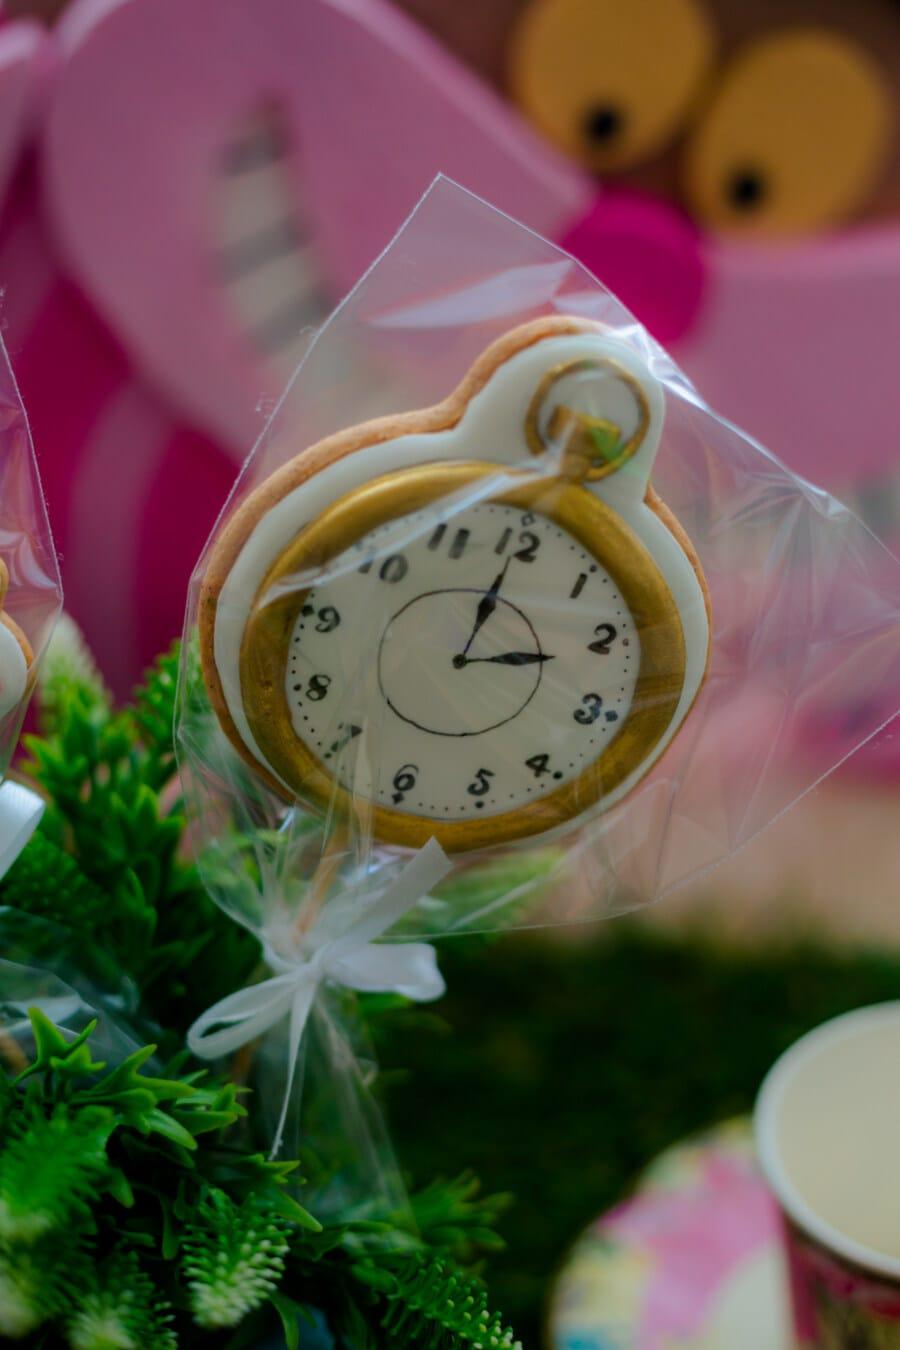 la sucette, horloge analogique, bonbons, bonbons, décoration, horloge, temps, montre, couleur, aube